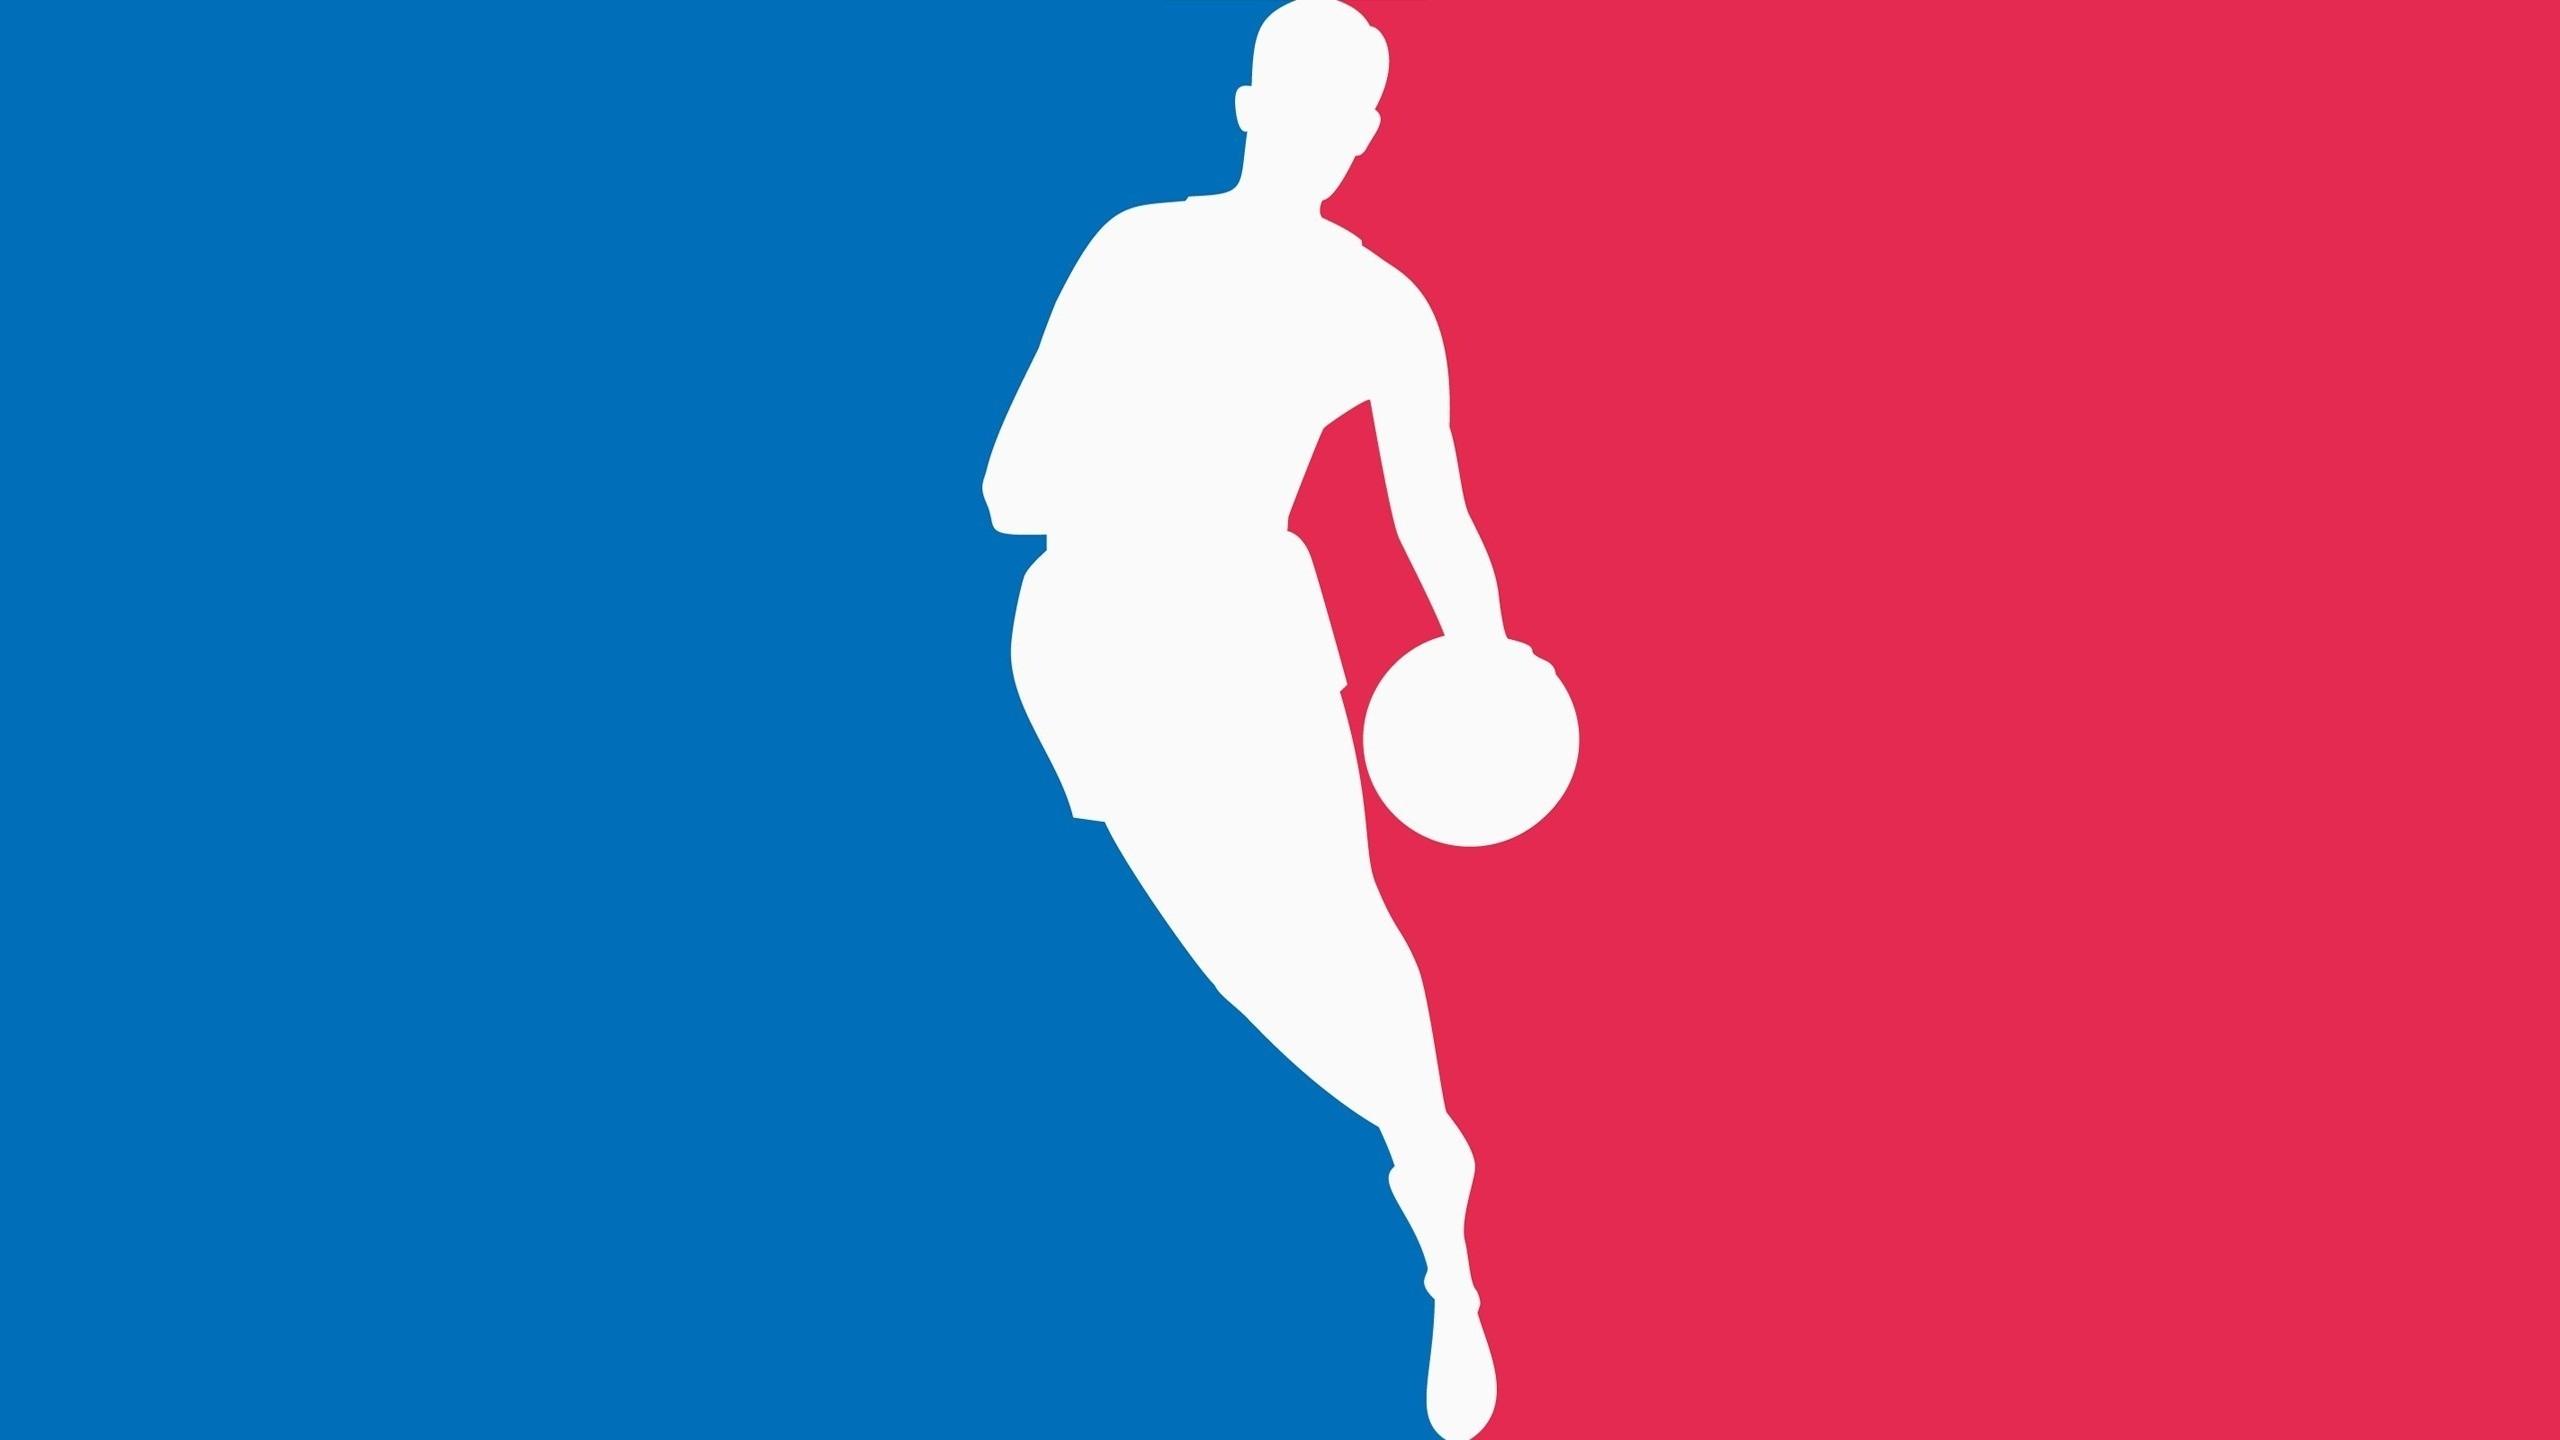 بسکتبال NBA - کنفرانس غرب - کنفرانس شرق - بوستون سلتیکس - دالاس ماوریکس - دمارکوس کازینز - آنتونی دیویس - دمار دروزن